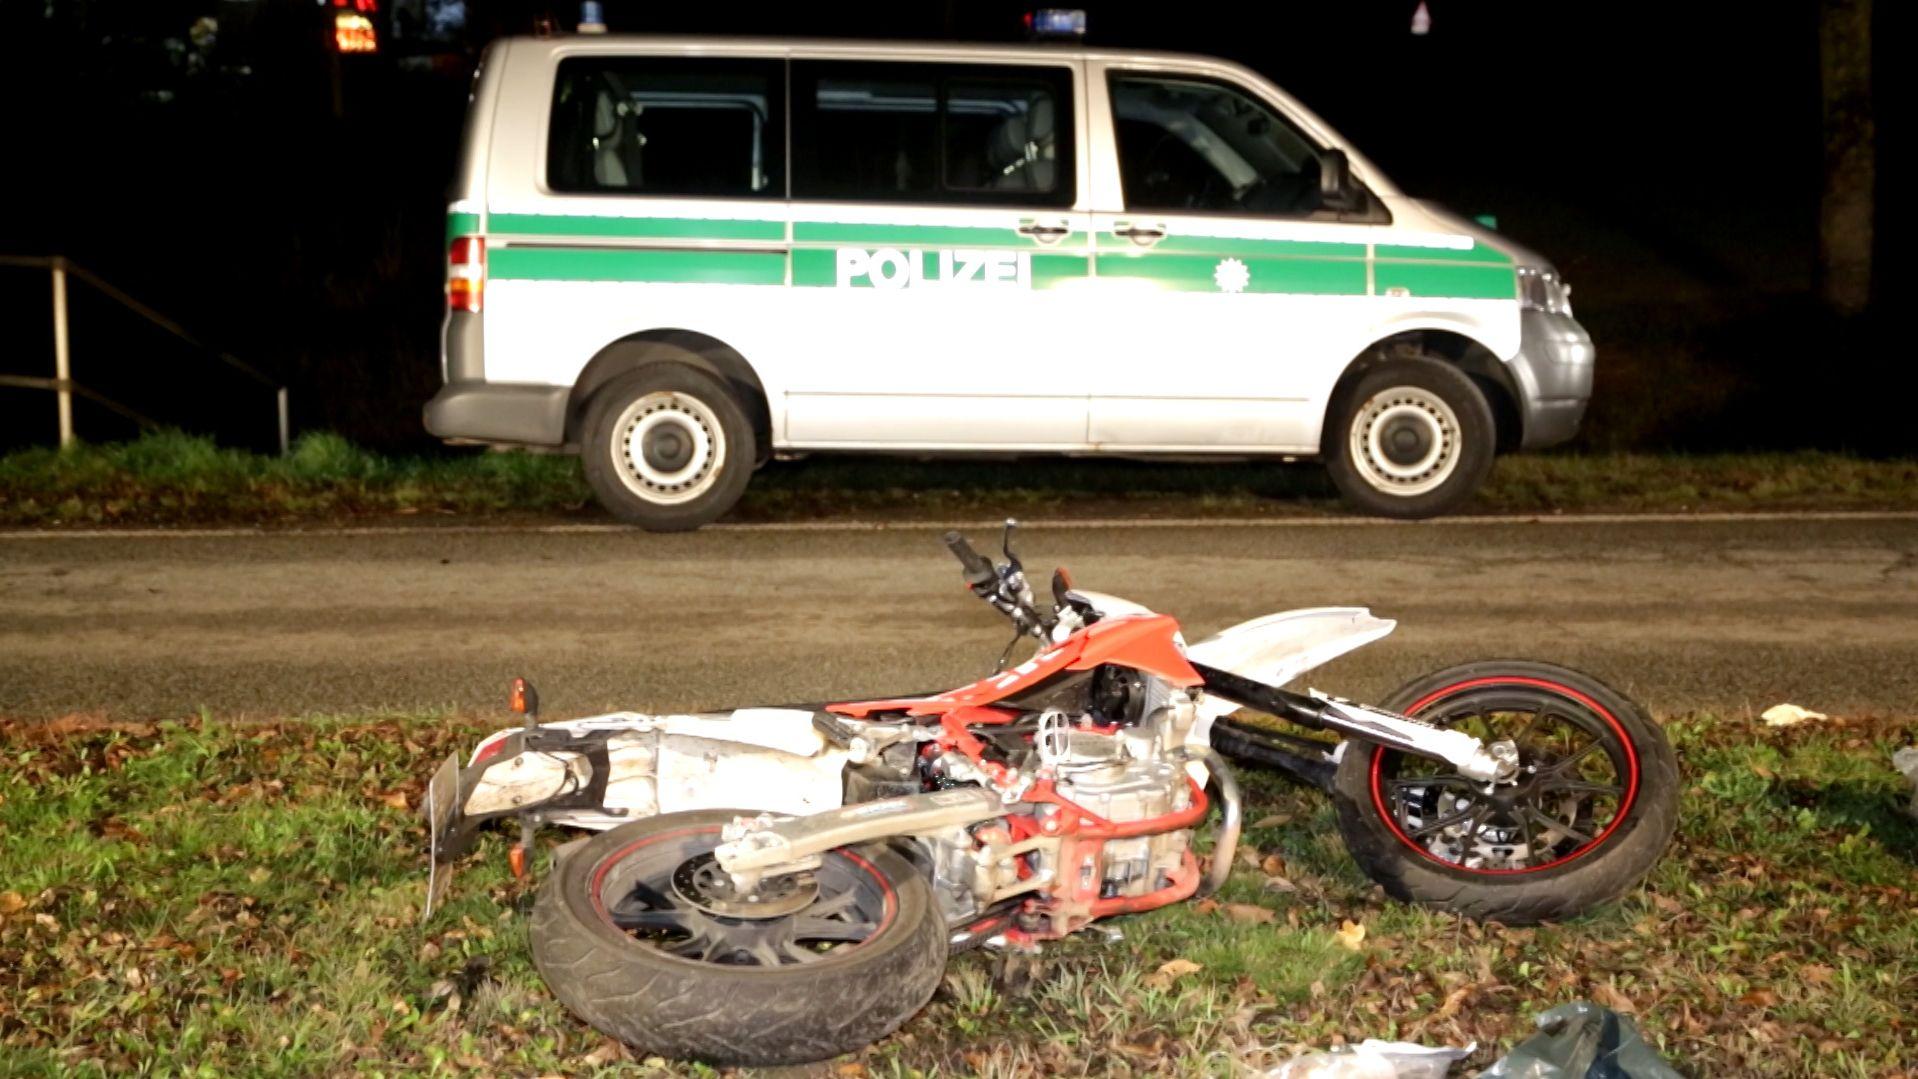 Polizeiauto und Leichtkraftrad am Boden